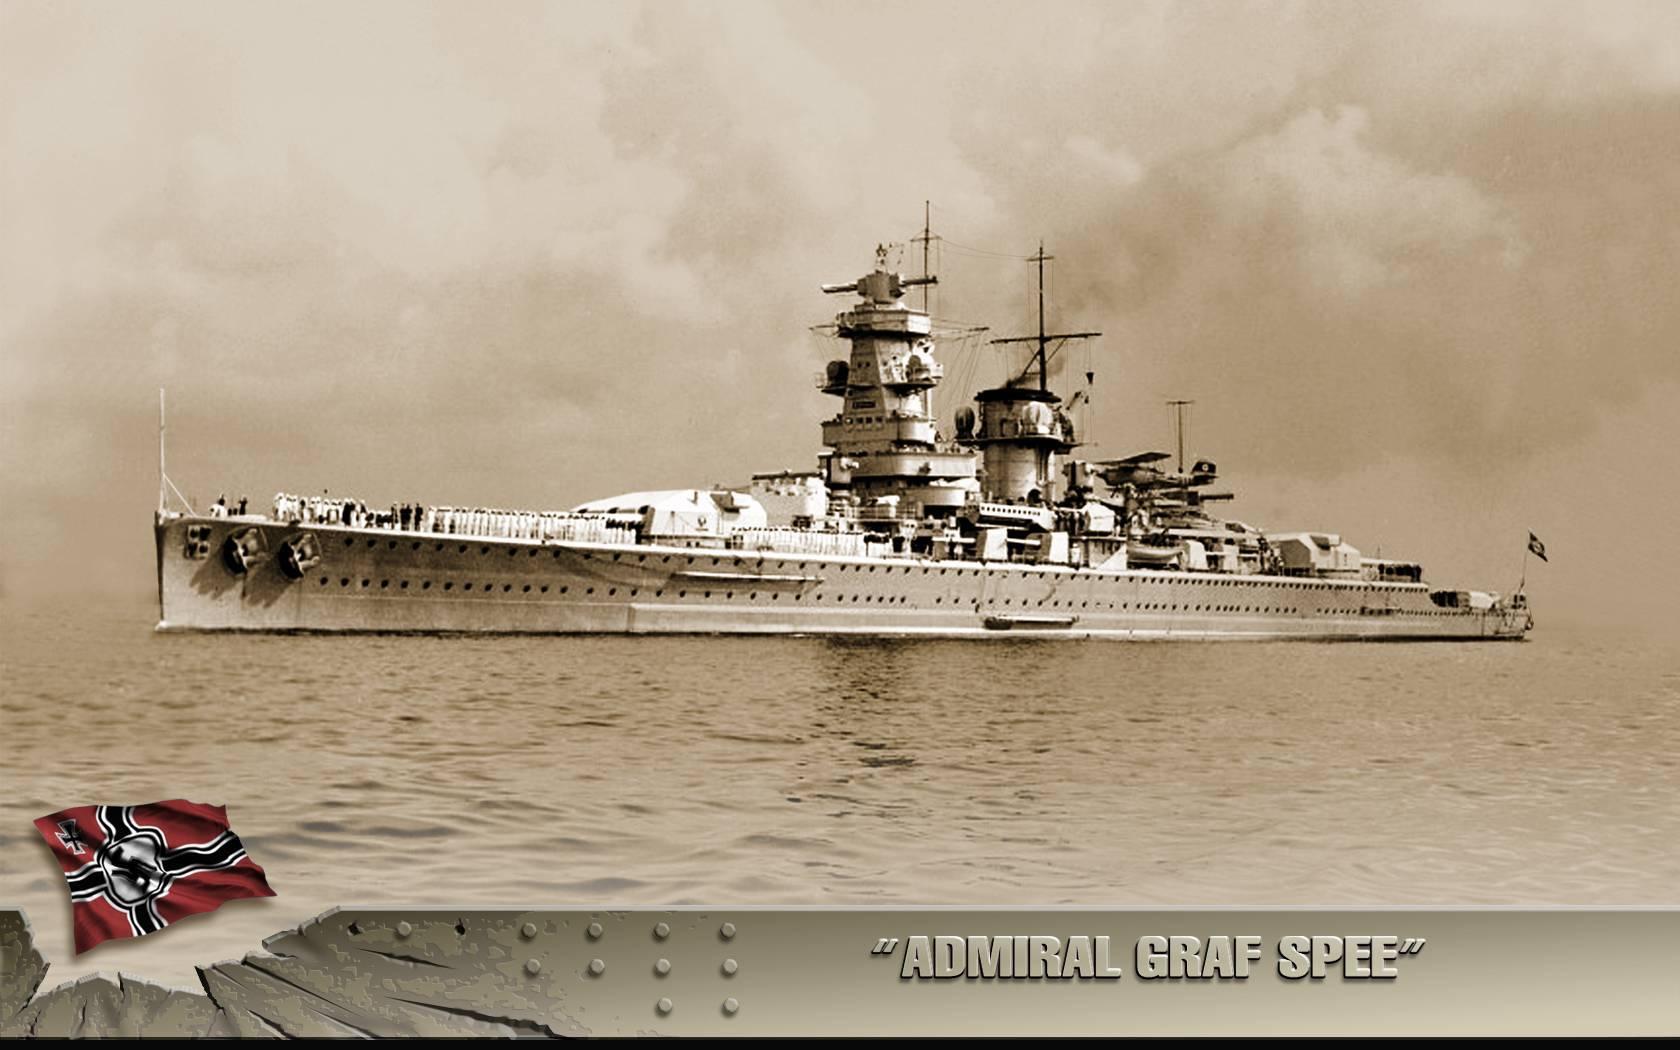 Линкор бисмарк: краткое описание, характеристики, история создания и гибели